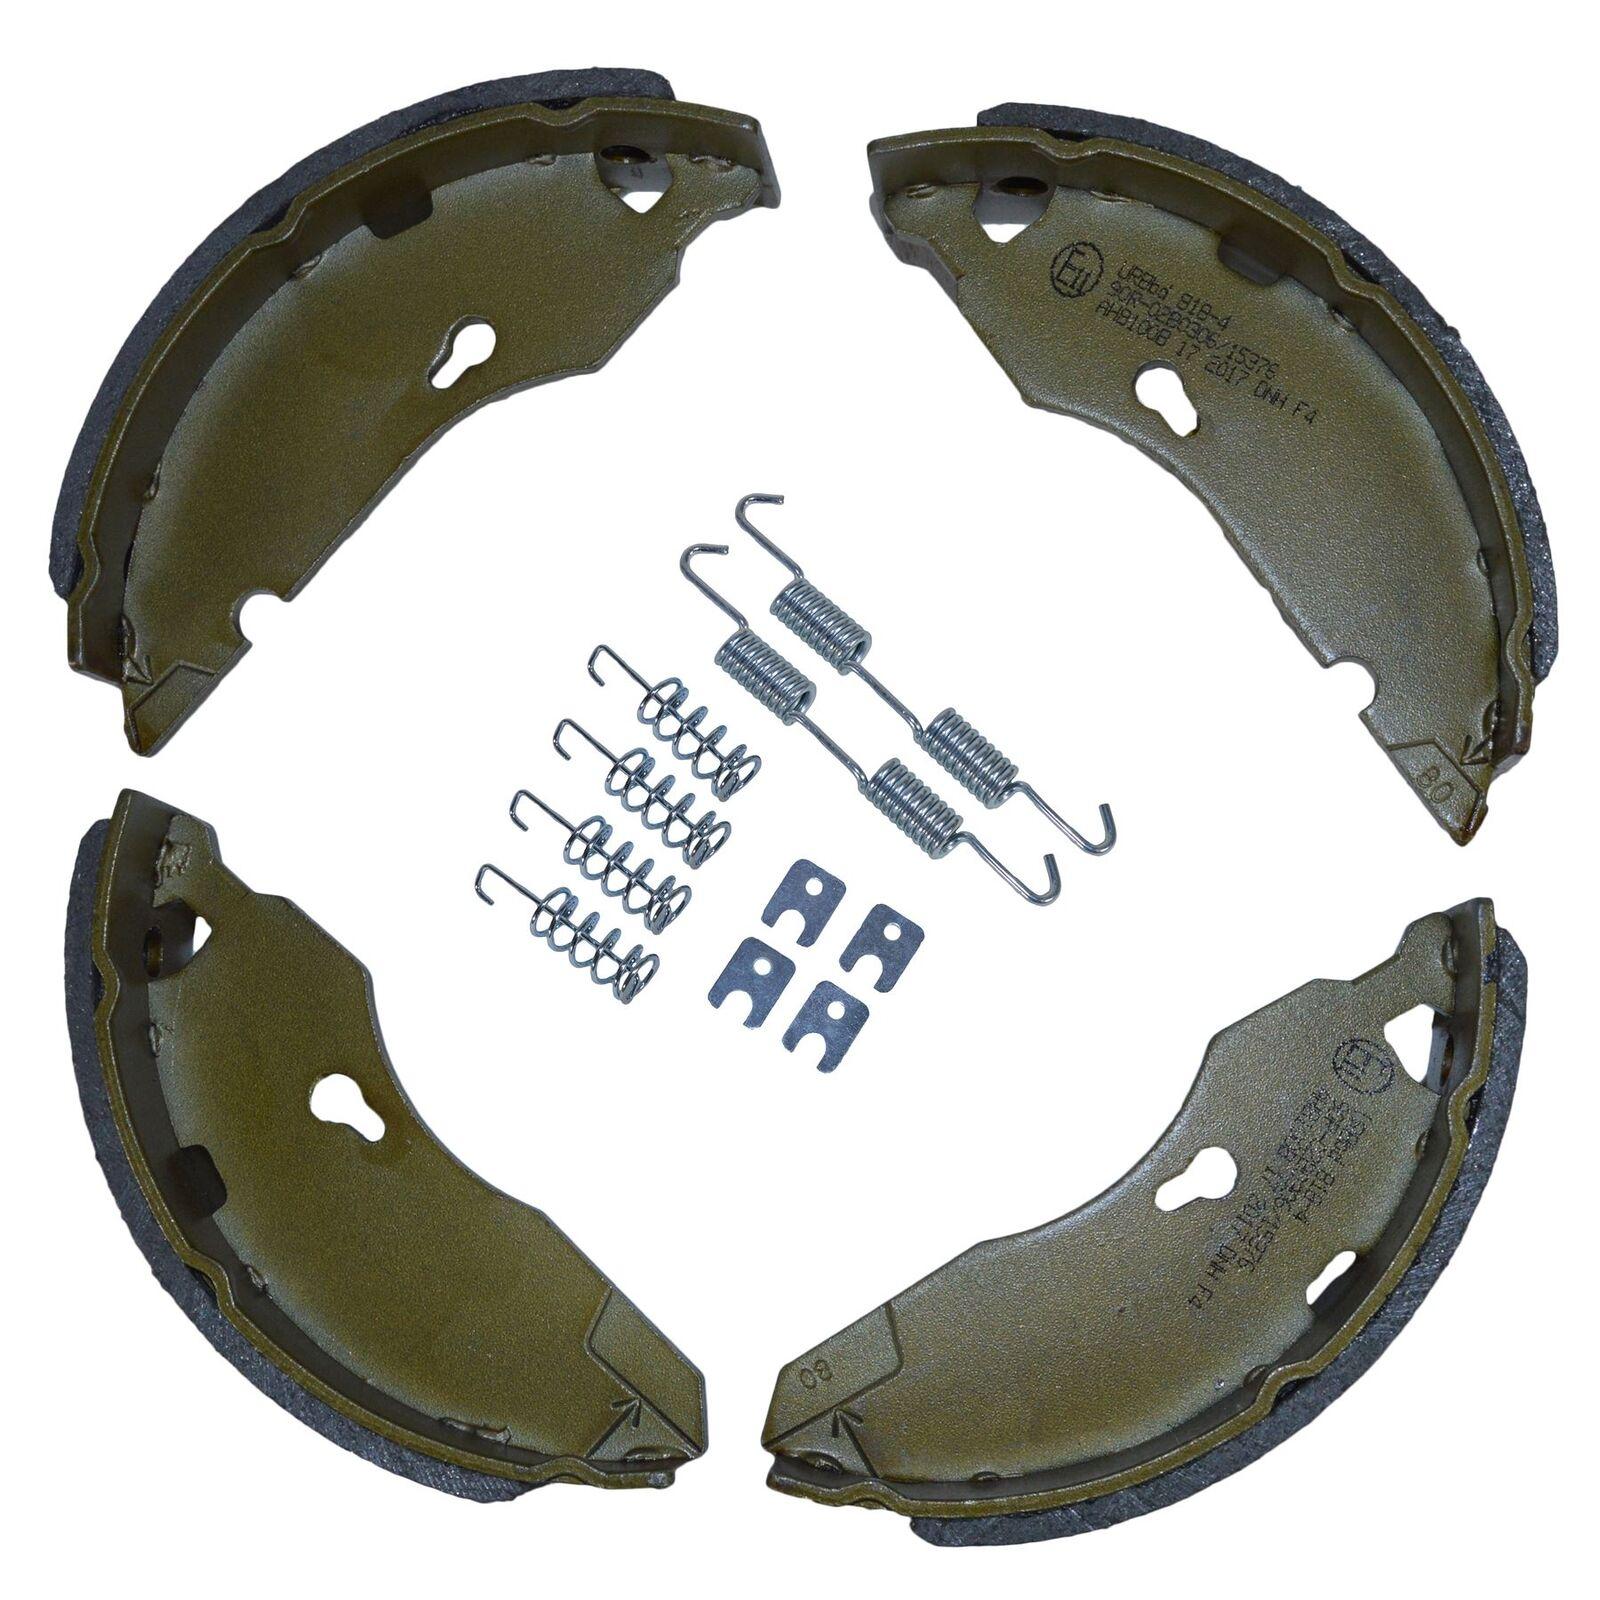 Mâchoires de frein de remorque Kit de ressort de remplacement 160mm x 35mm pour